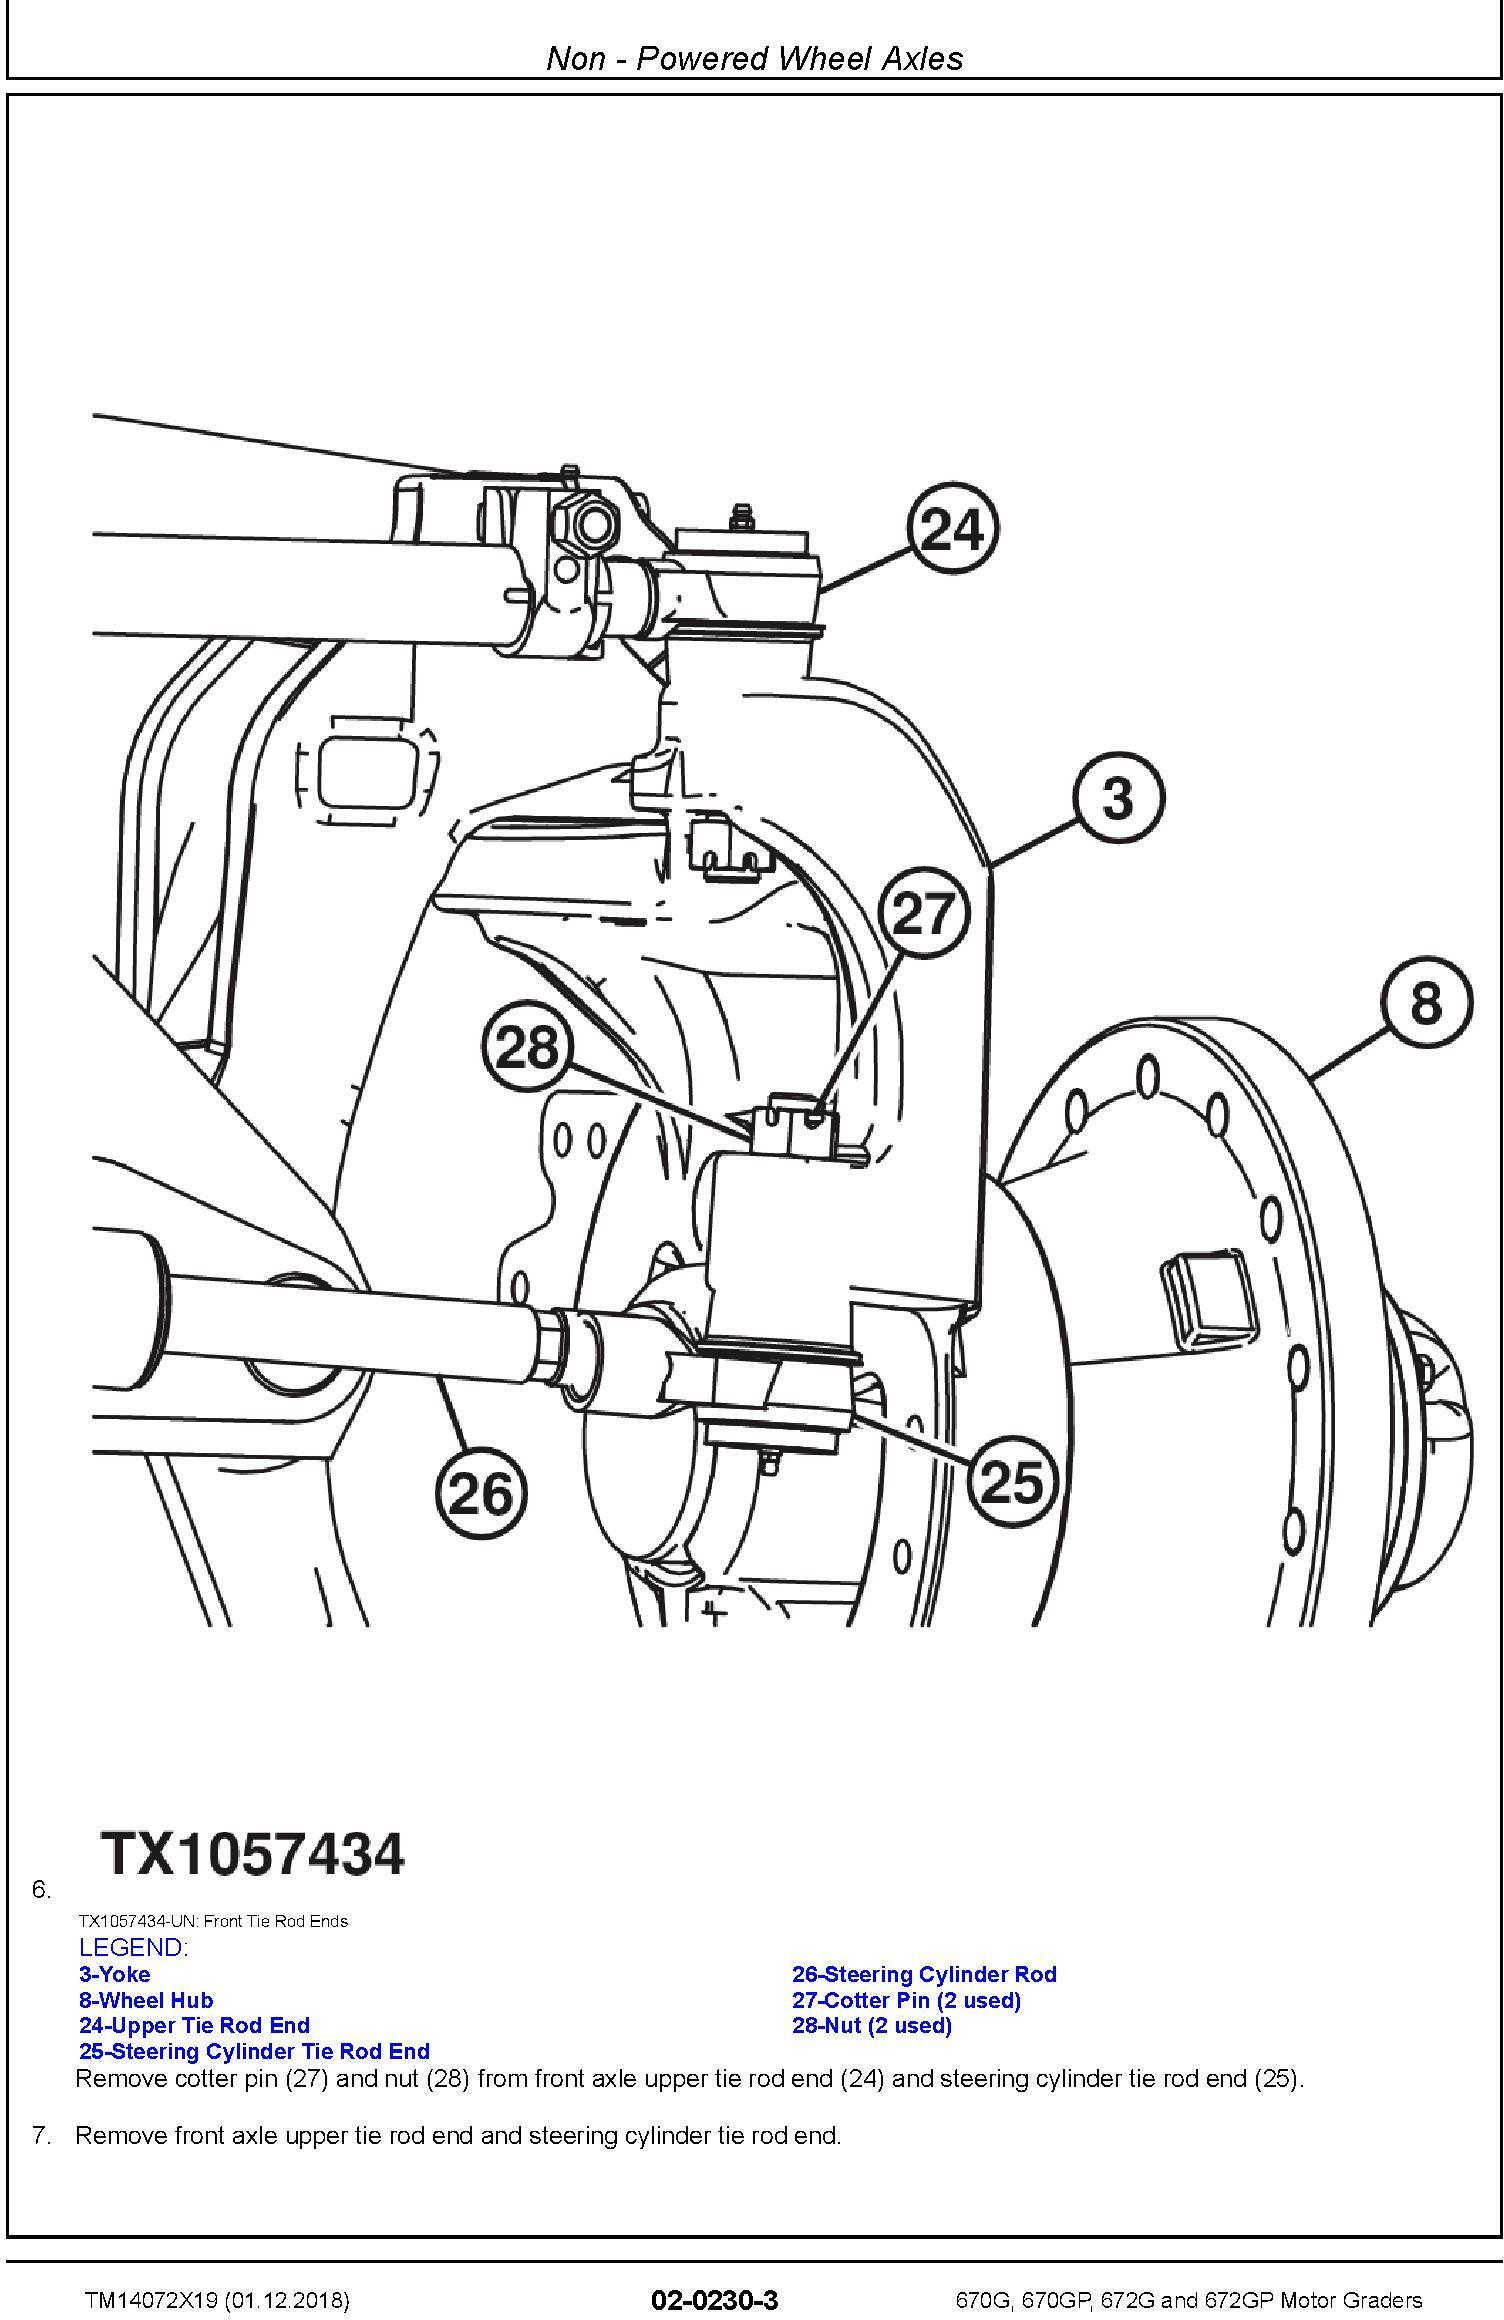 John Deere 670G, 670GP, 672G, 672GP (SN.F678818-680877) Motor Graders Repair Manual (TM14072X19) - 1